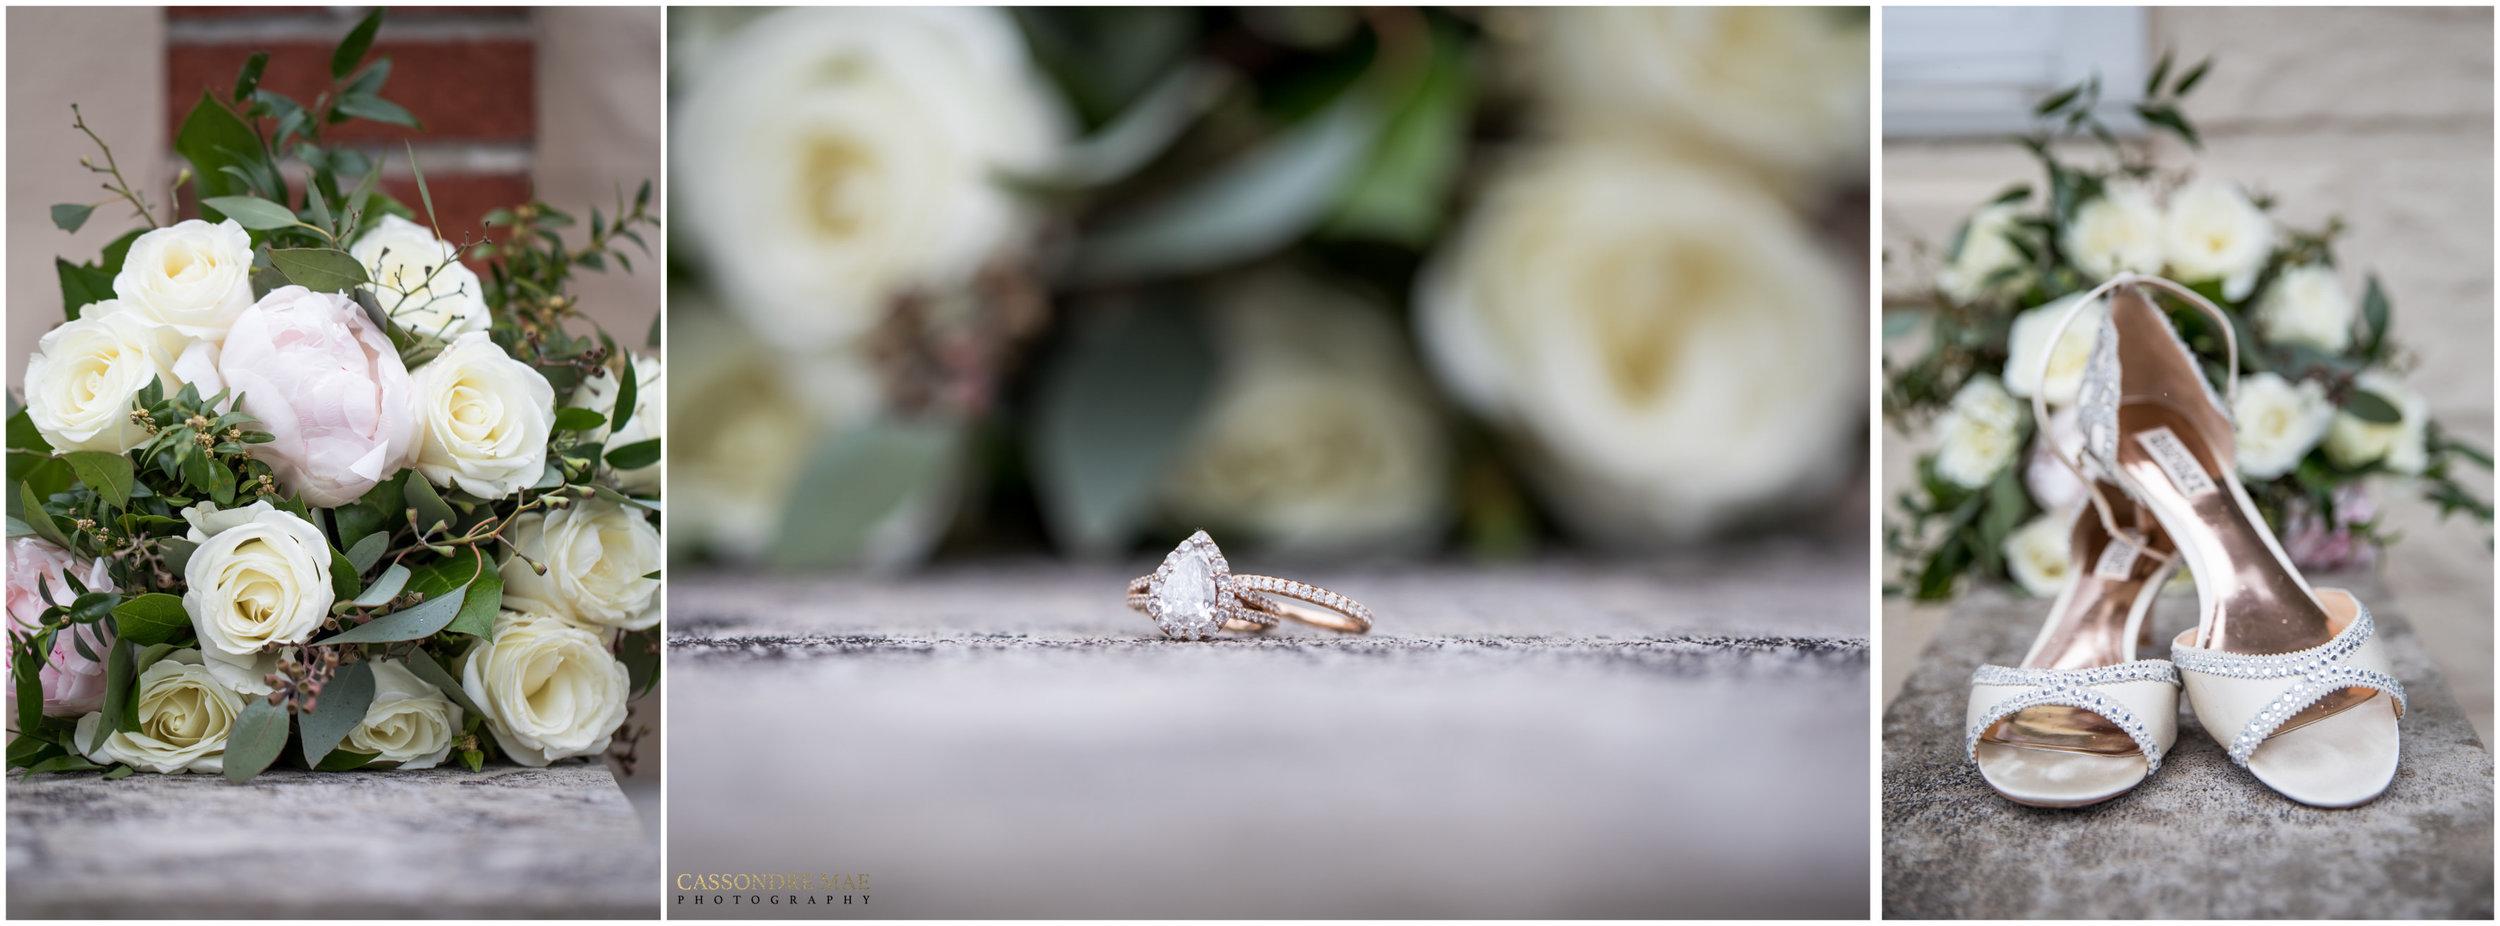 Cassondre Mae Photography Marina Del Ray Weddings 32.jpg